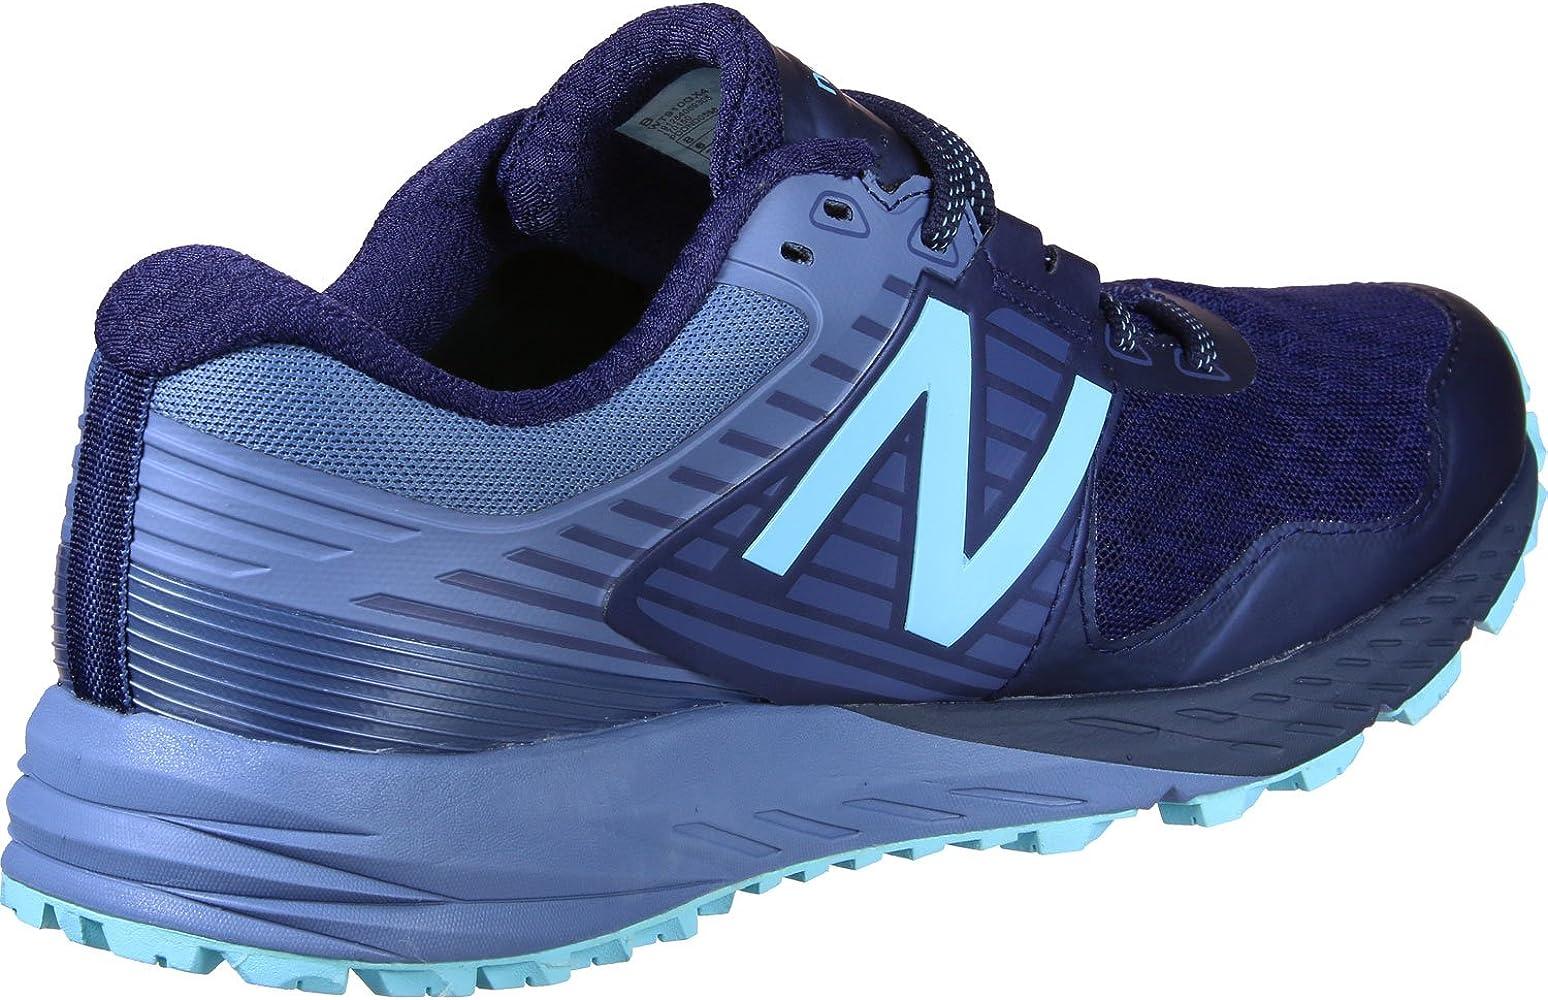 New Balance Wt910v4 Gore-Tex, Zapatillas de Running para Mujer ...